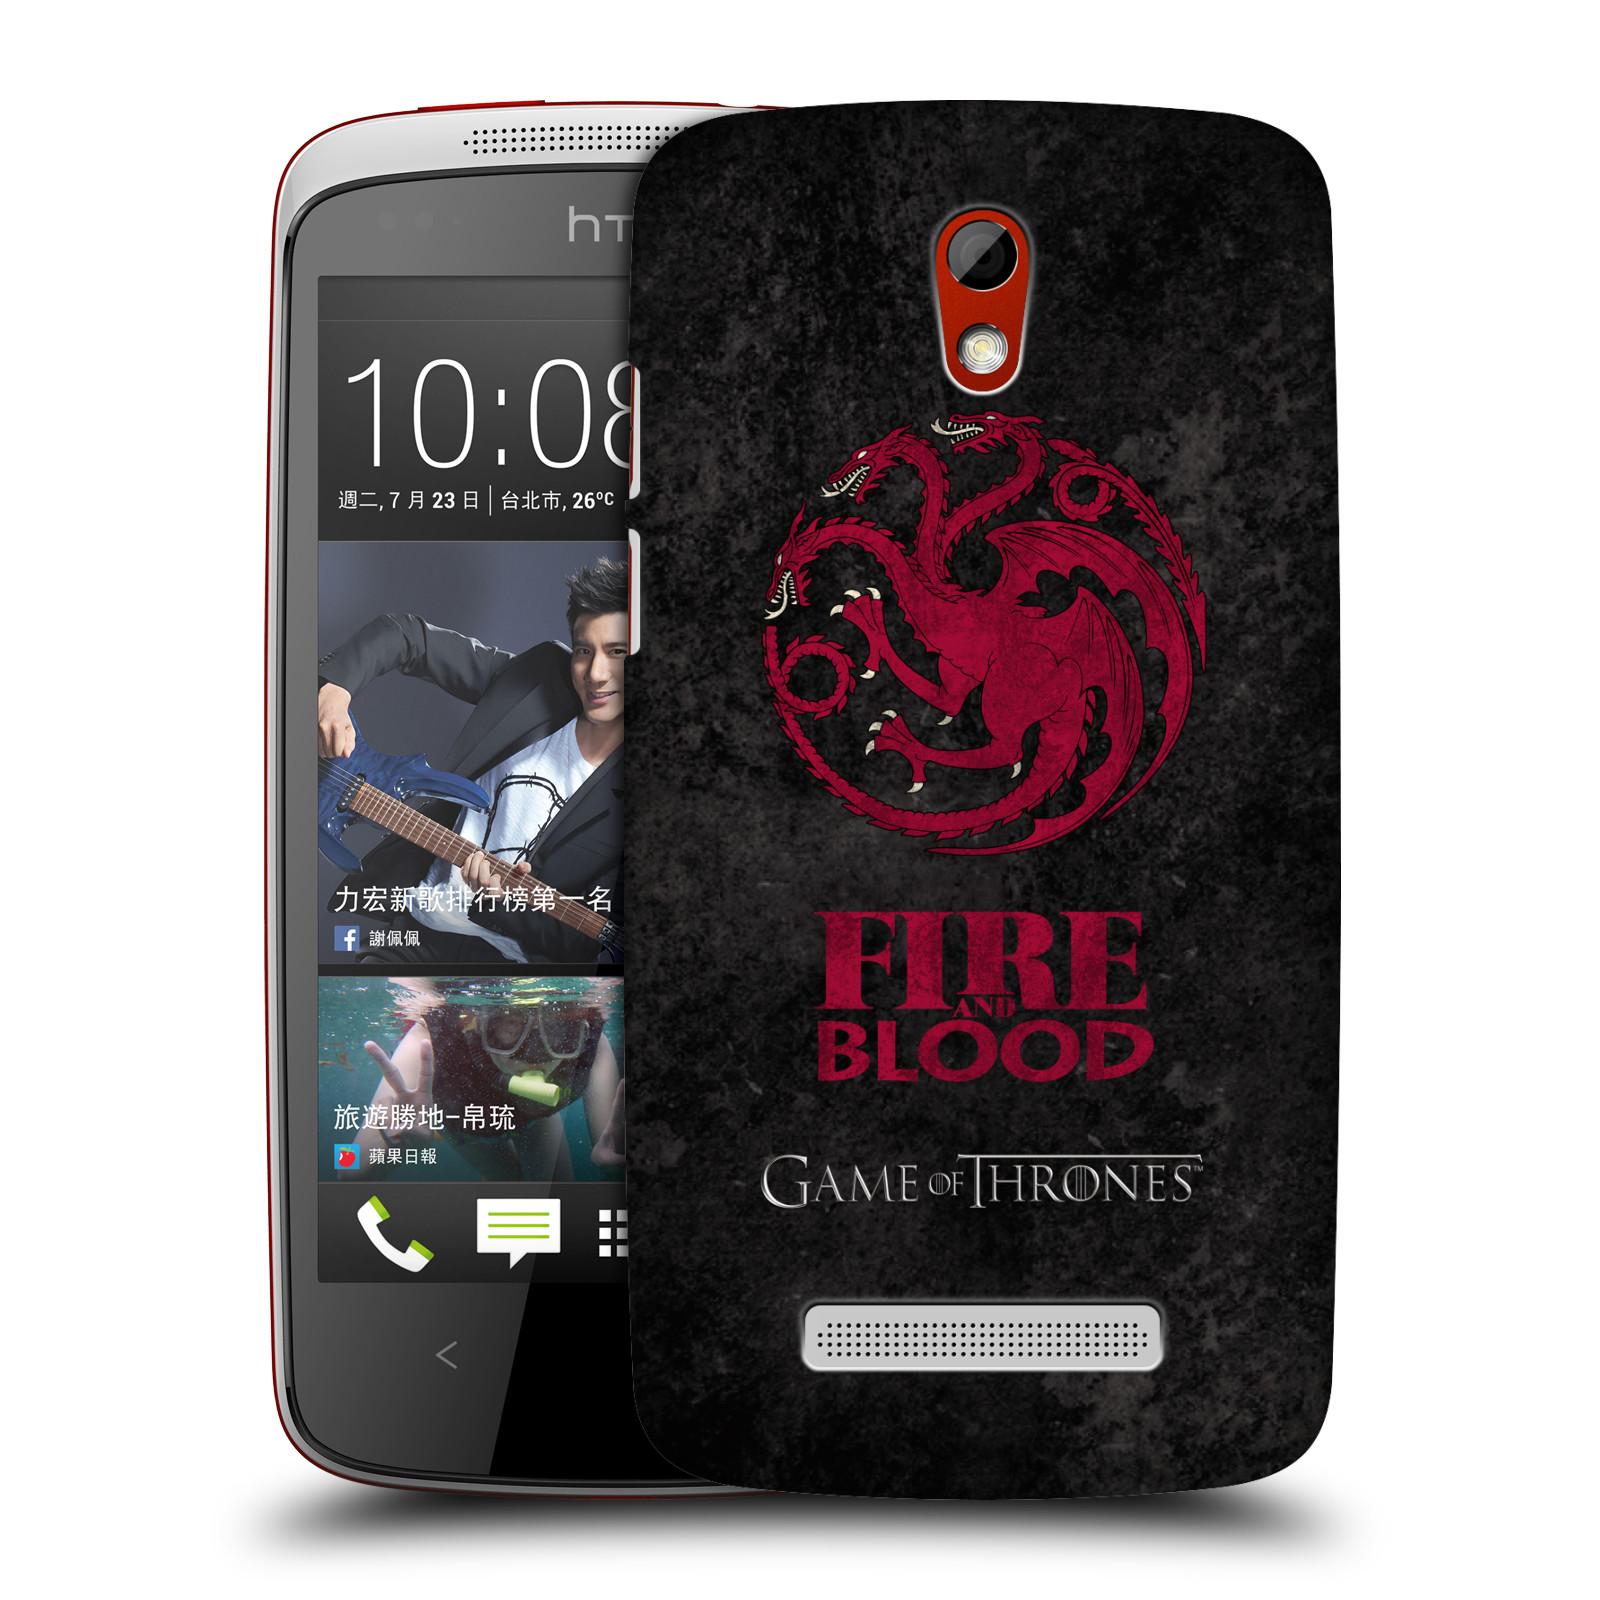 Plastové pouzdro na mobil HTC Desire 500 HEAD CASE Hra o trůny - Sigils Targaryen - Fire and Blood (Plastový kryt či obal na mobilní telefon s licencovaným motivem Hra o trůny - Game Of Thrones pro HTC Desire 500)